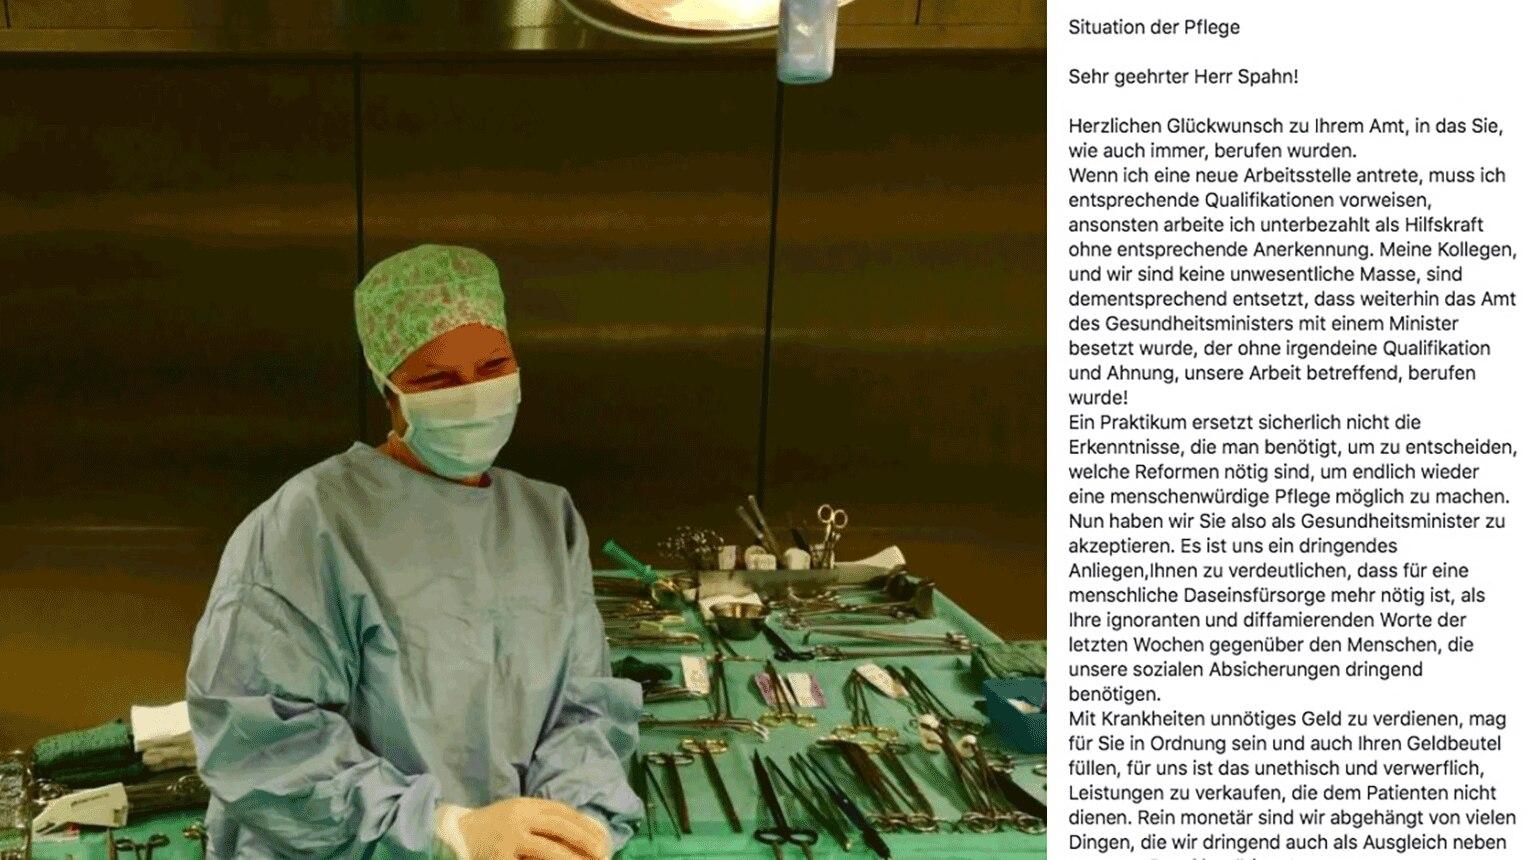 Jens Spahn Krankenschwester Kritisiert Cdu Mann In Offenem Brief